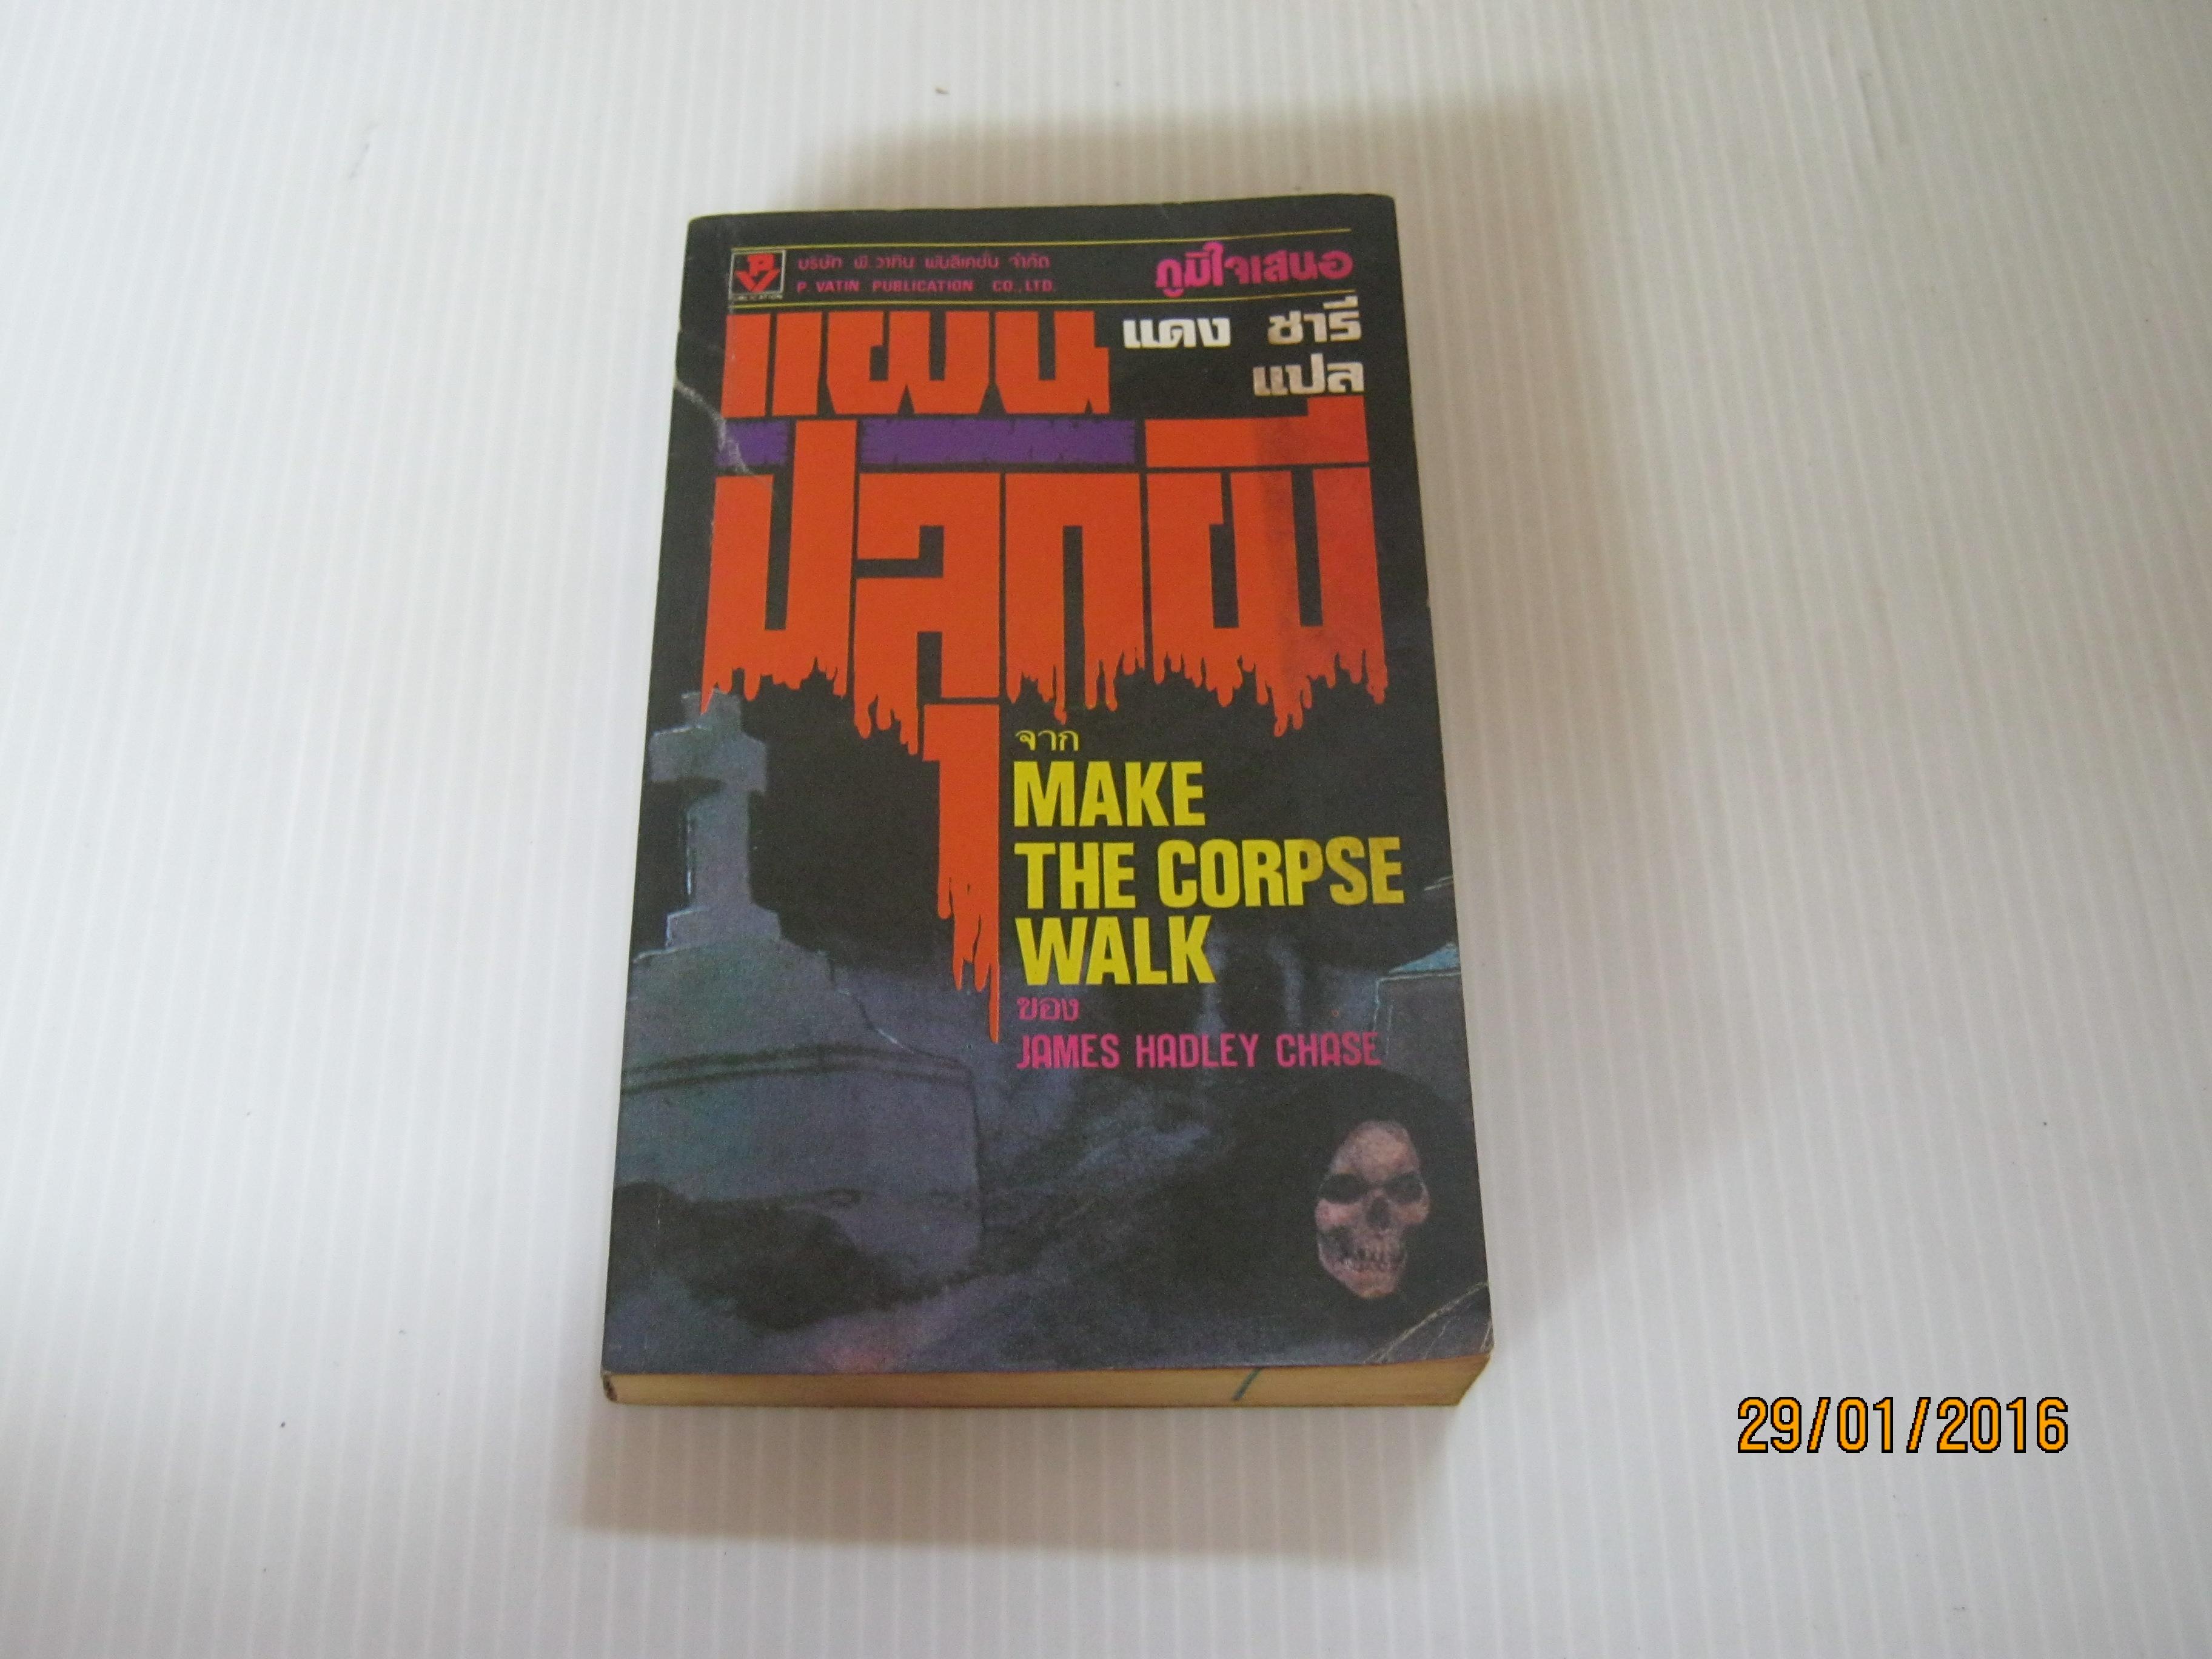 แผนปลุกผี (Make The Corpse Walk) James Hadley Chase เขียน แดง ชารี แปล